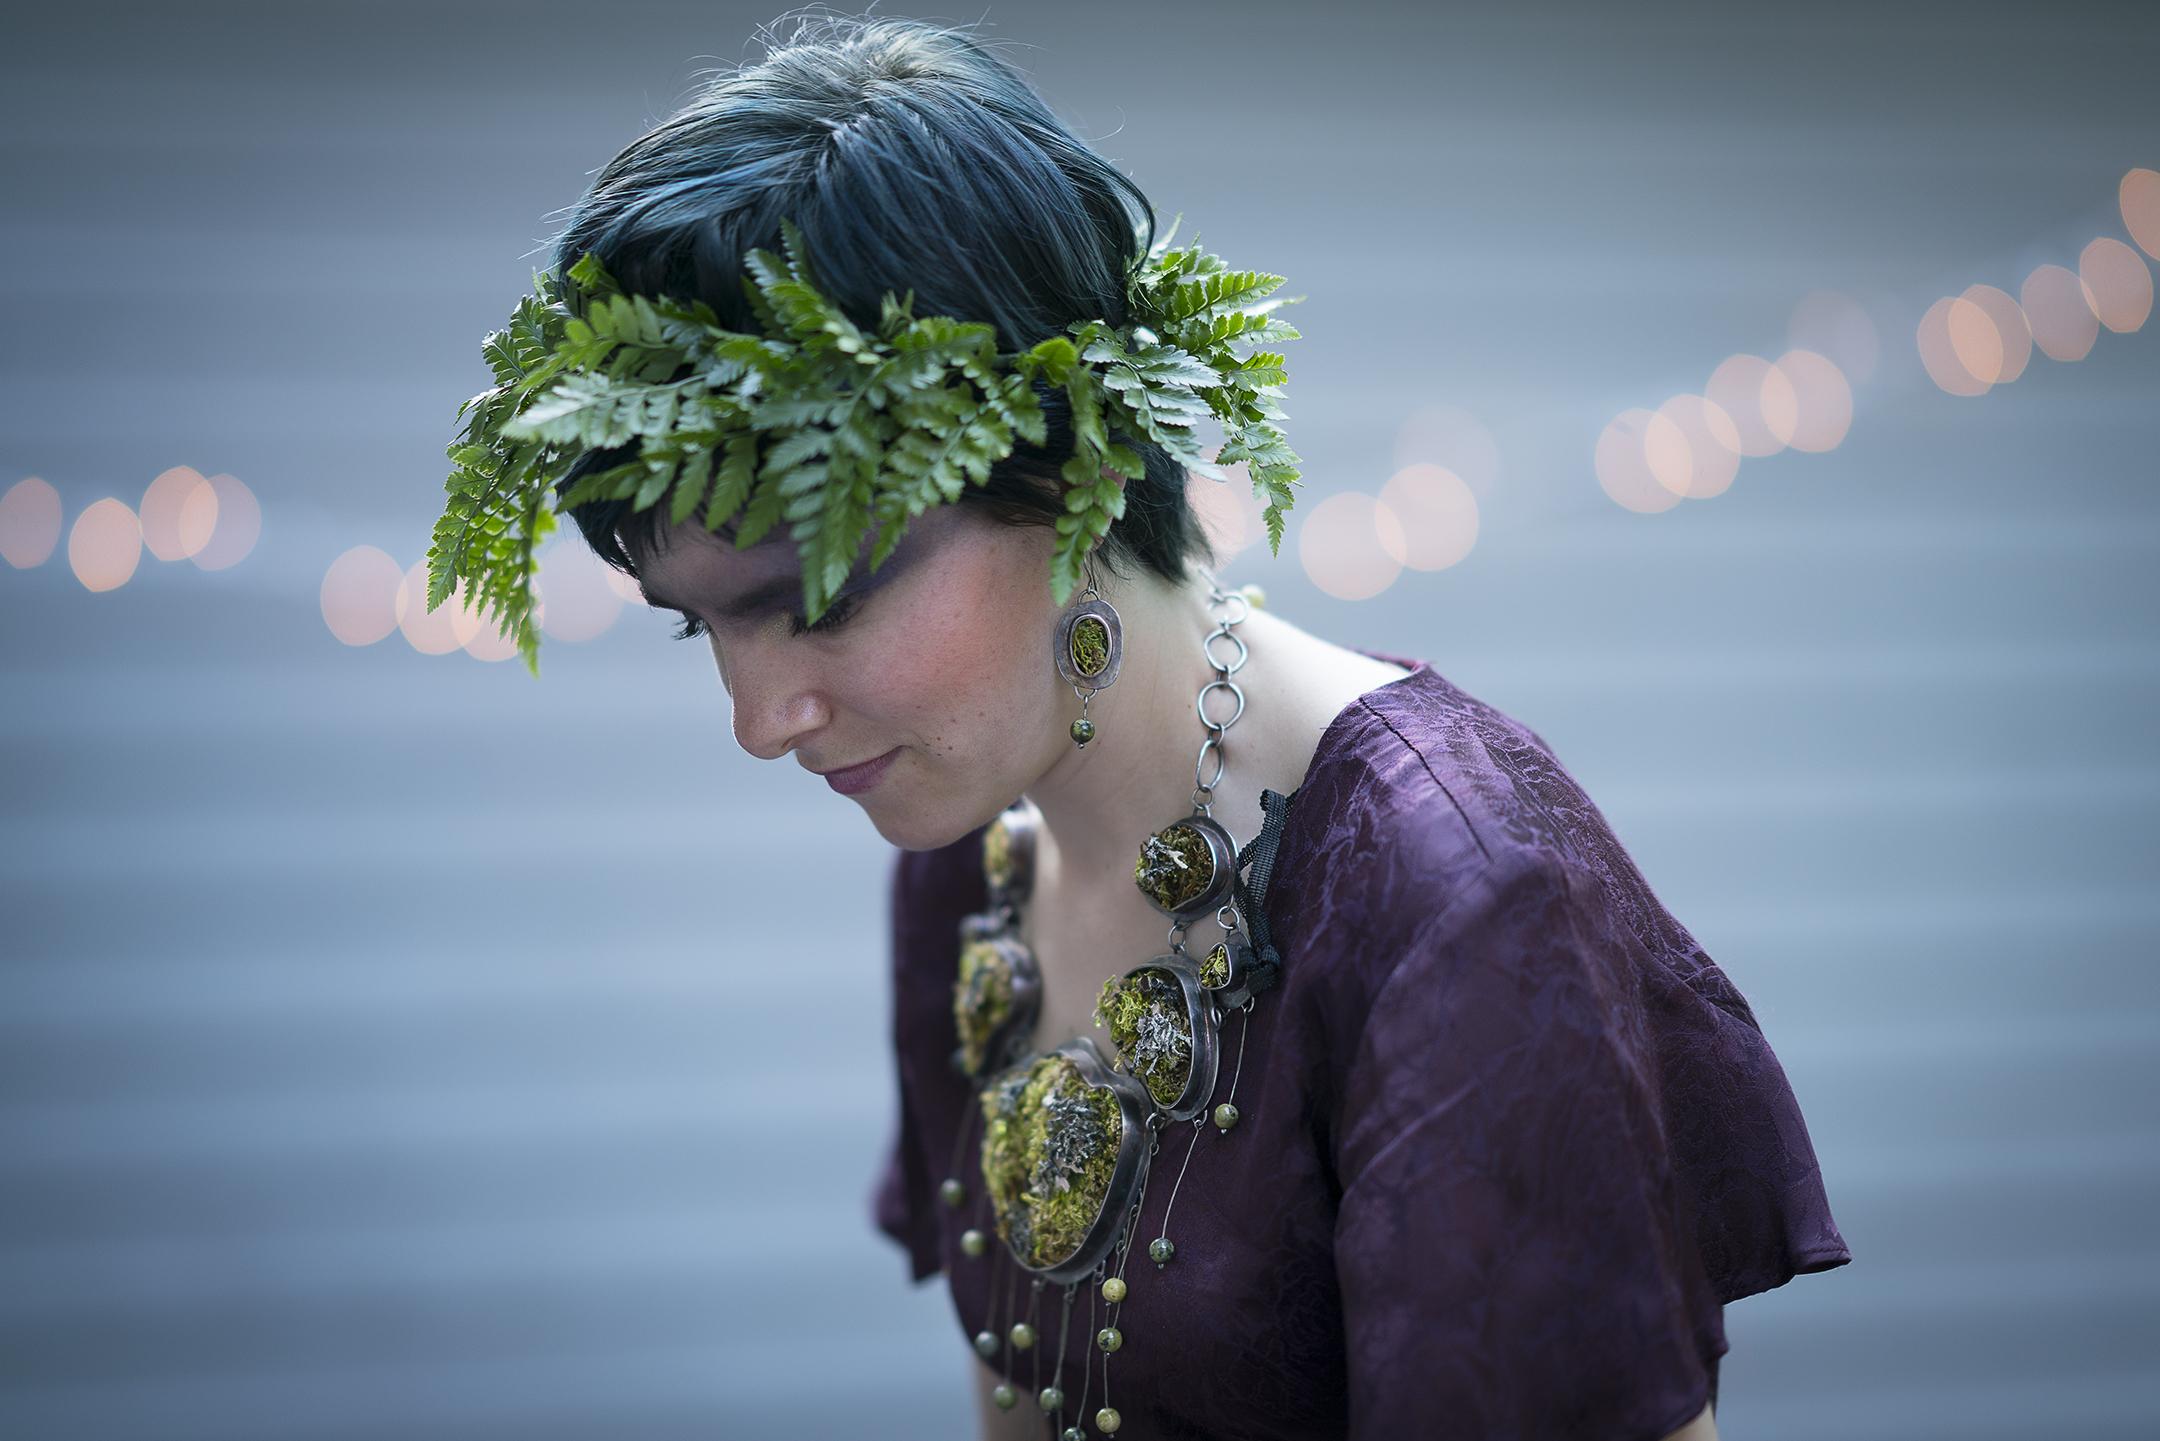 lady-fern-01-050216.jpg